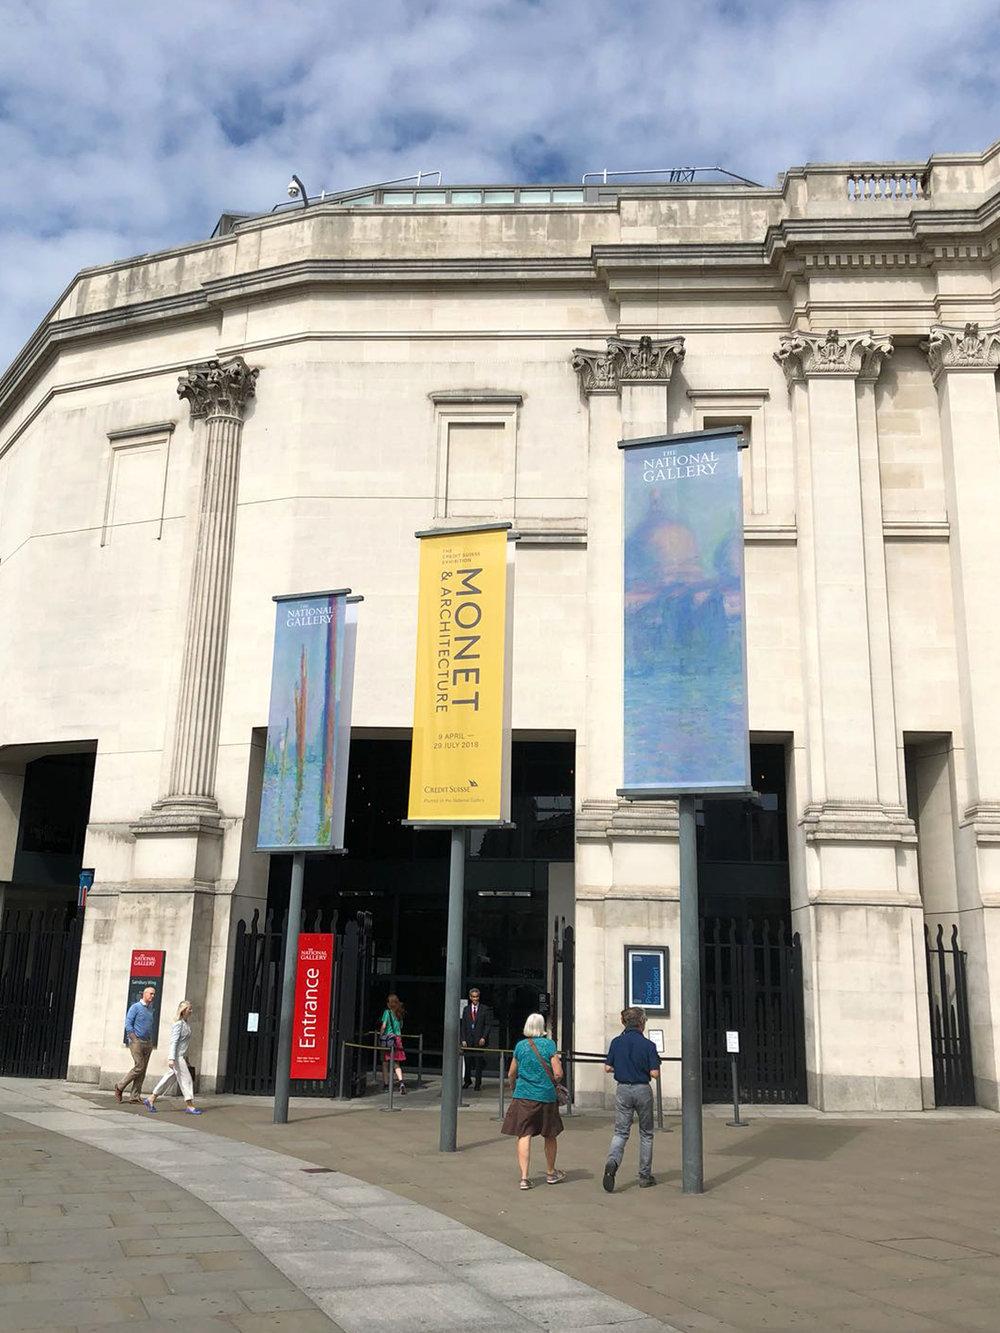 A_LONDON_Monet_Architecture_Exhibition_02.jpg